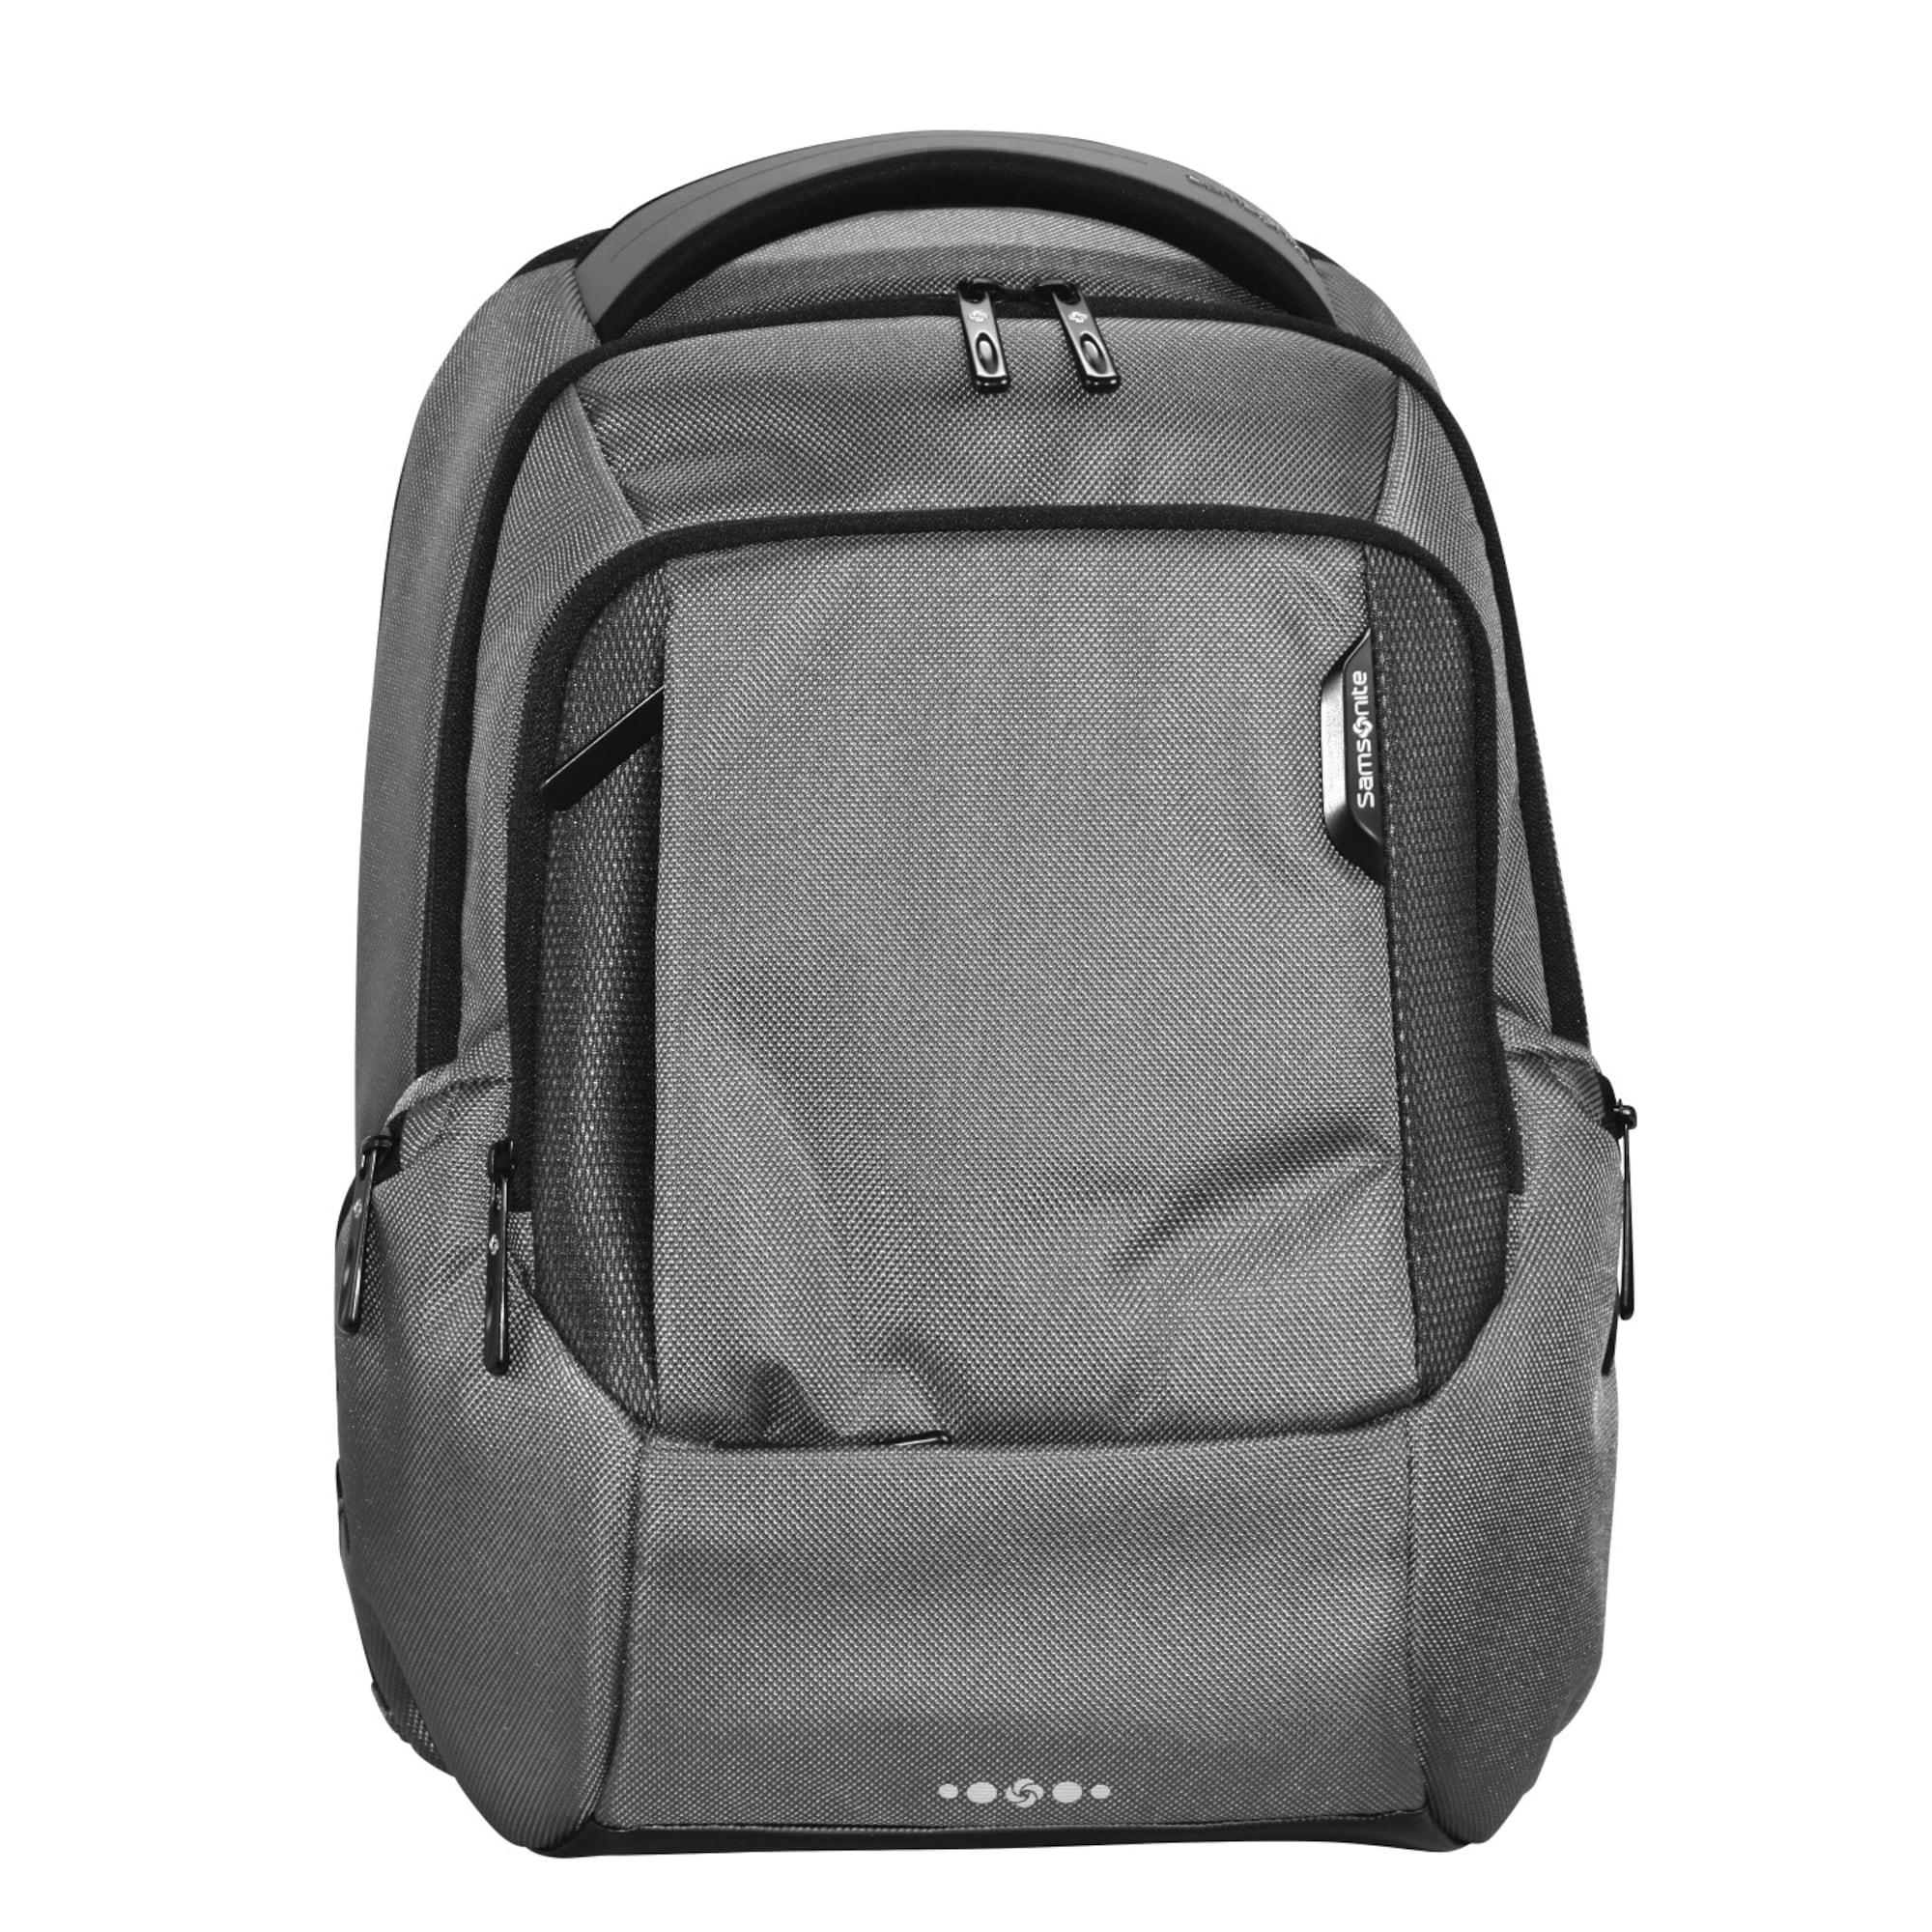 Cityscape Business Rucksack 46 cm Laptopfach | Taschen > Businesstaschen | Grau | Samsonite